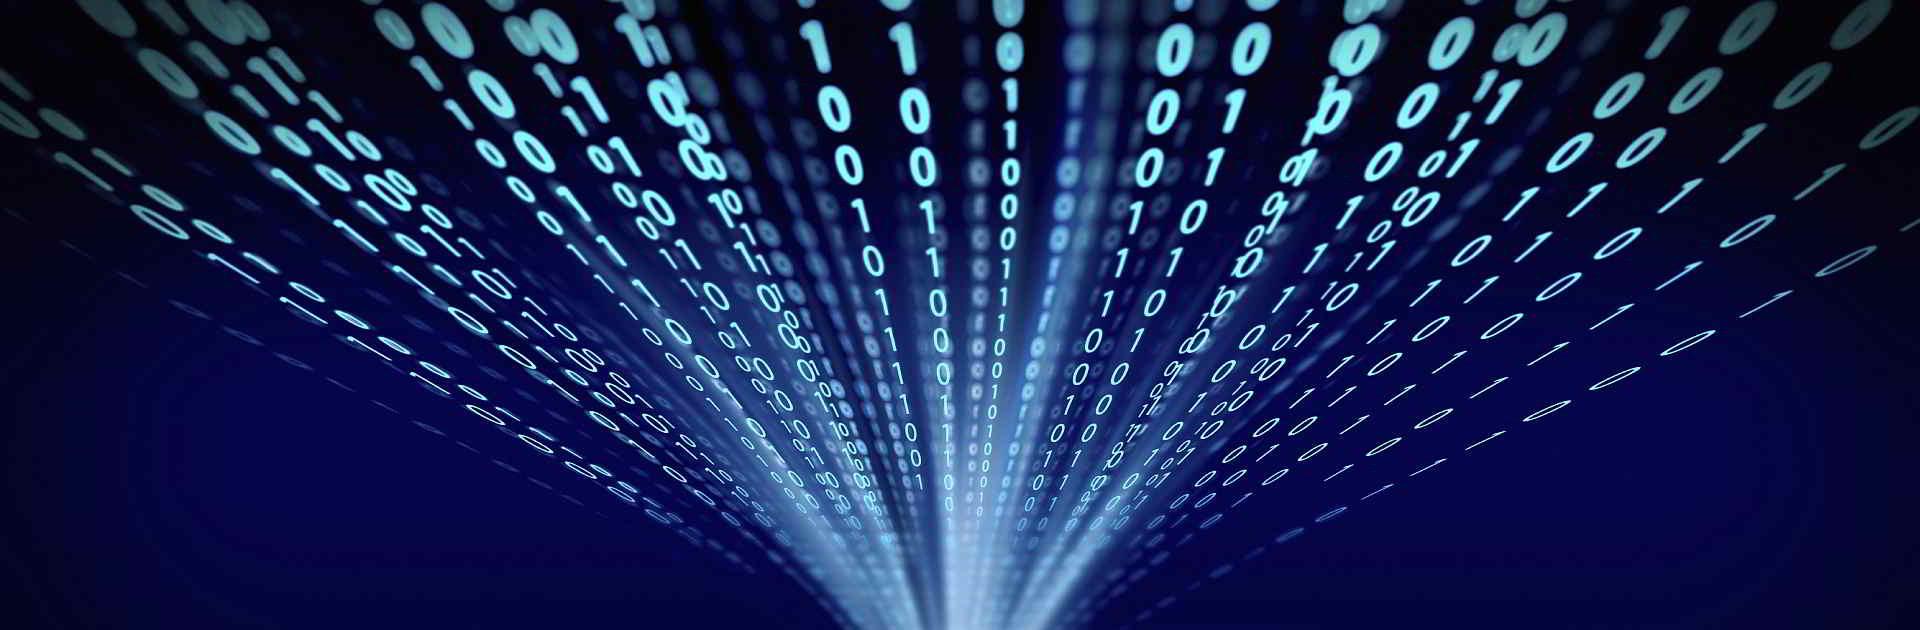 Hvordan tjener din virksomhed penge på Big Data